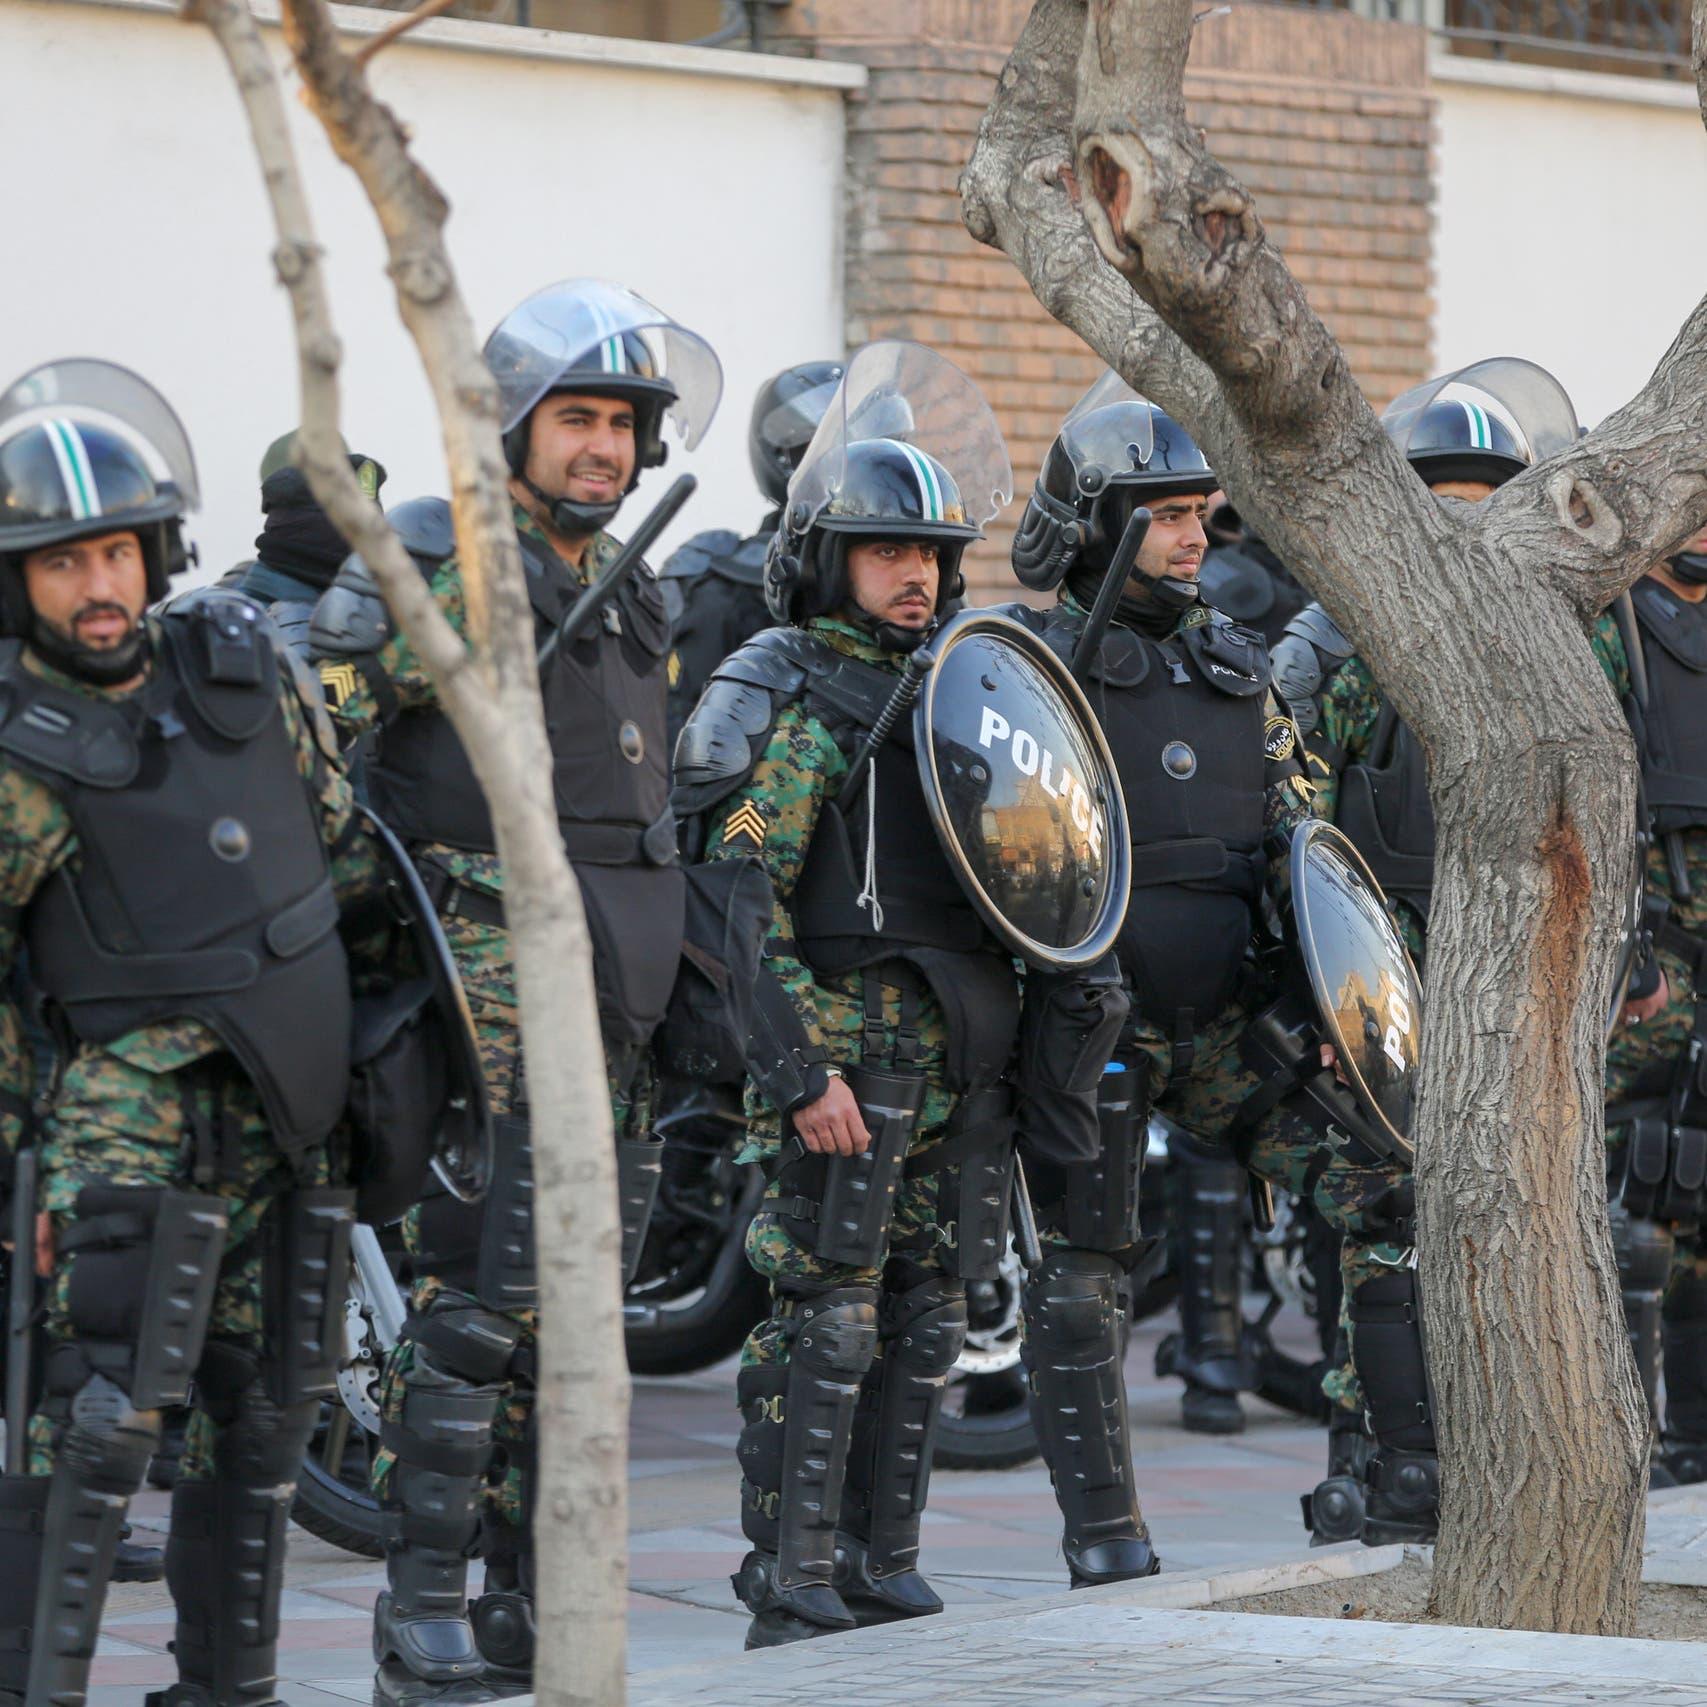 مظاهرات إيران مستمرة.. 300 معتقل من مدينة واحدة